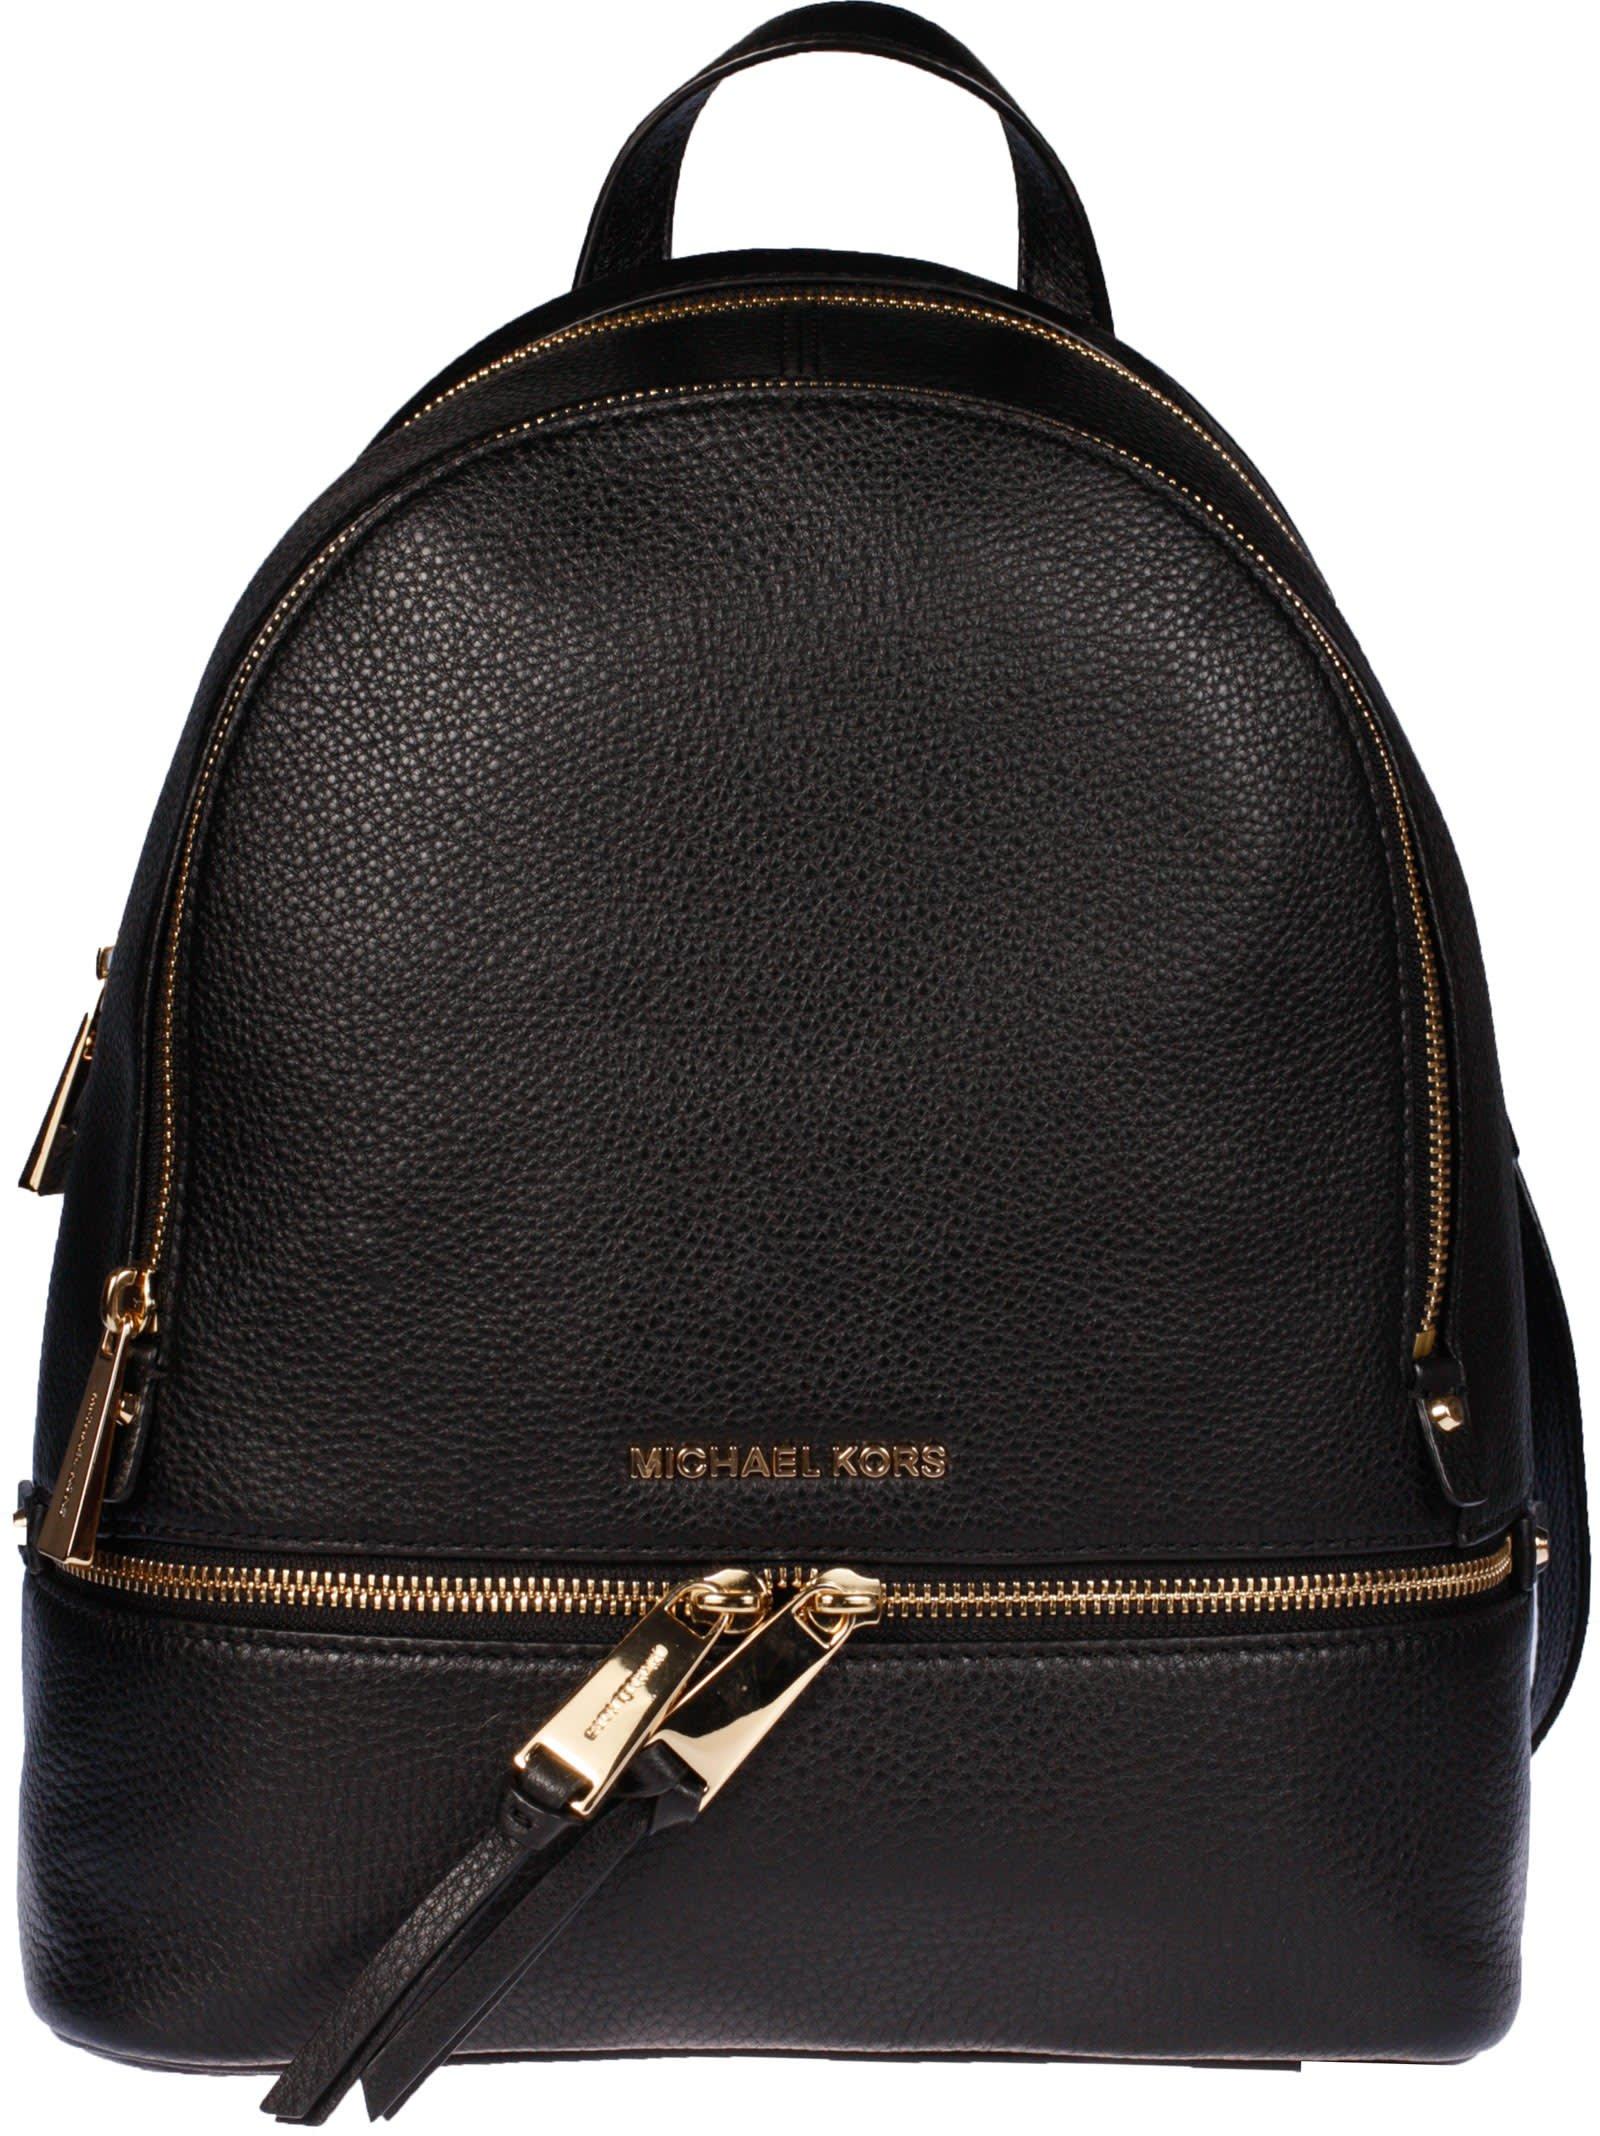 Michael Kors Rhea Medium Zipped Backpack